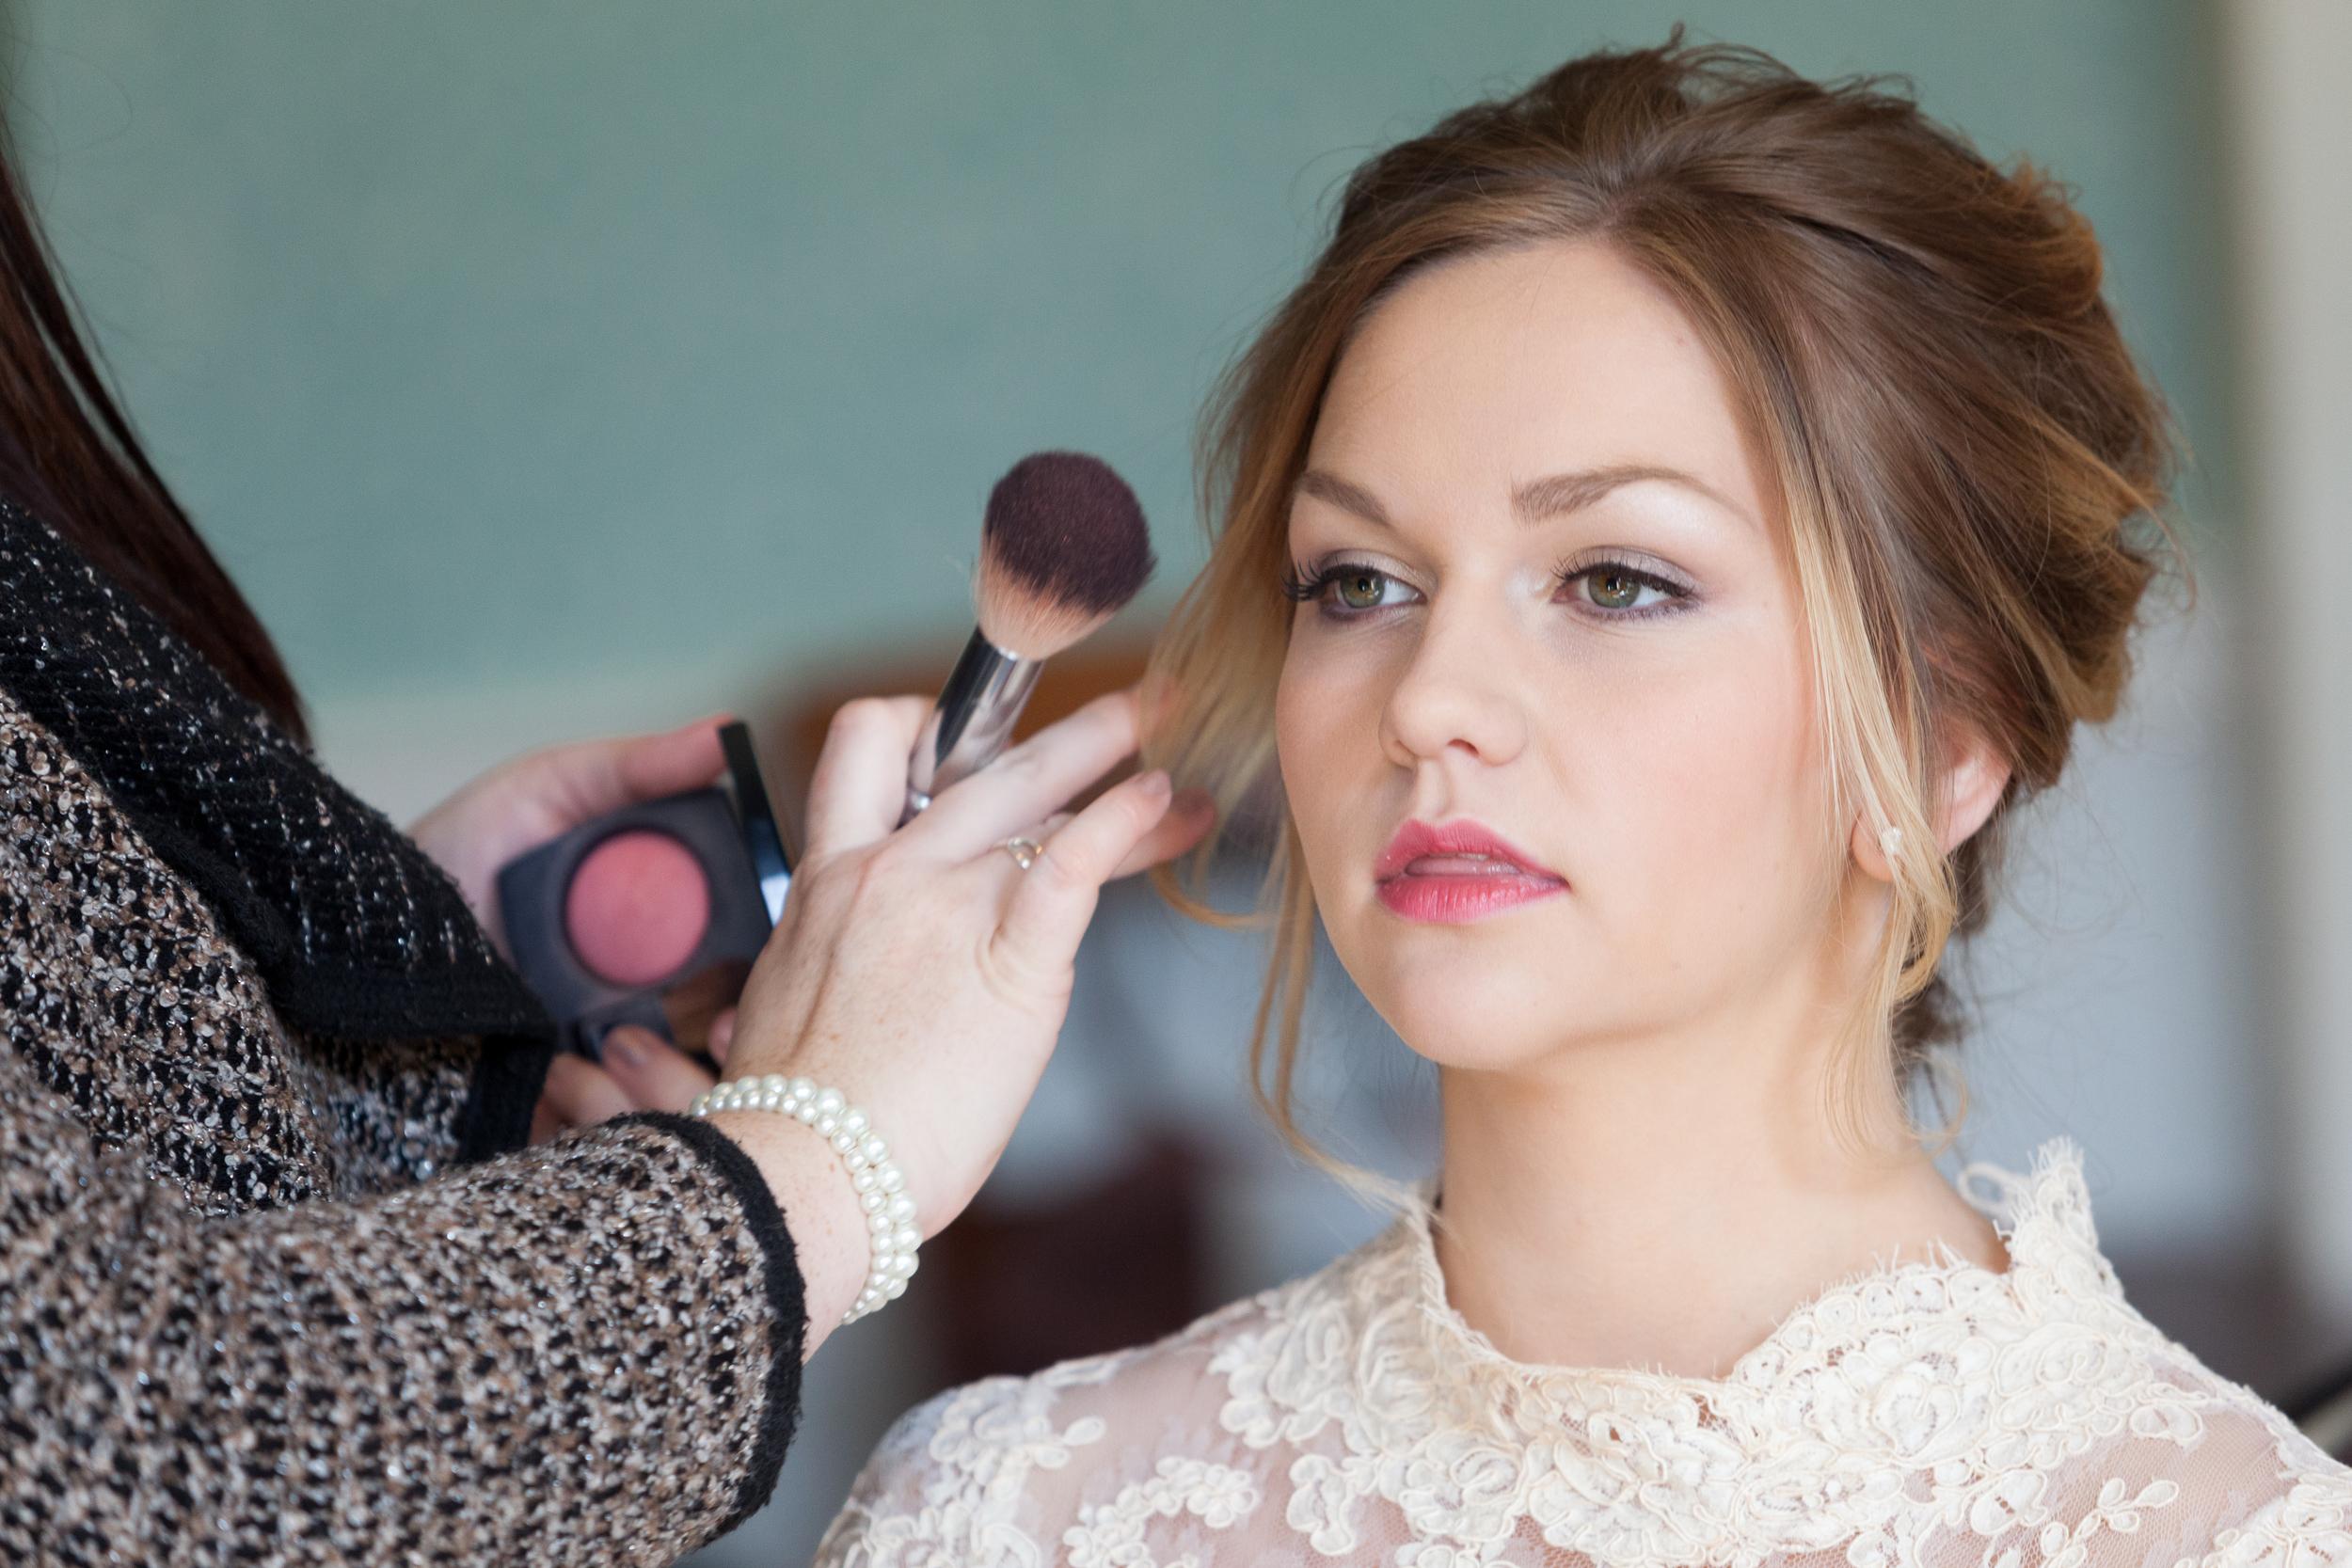 nottingham-makeup-artist-jenni-hughes-ross-dean-photography